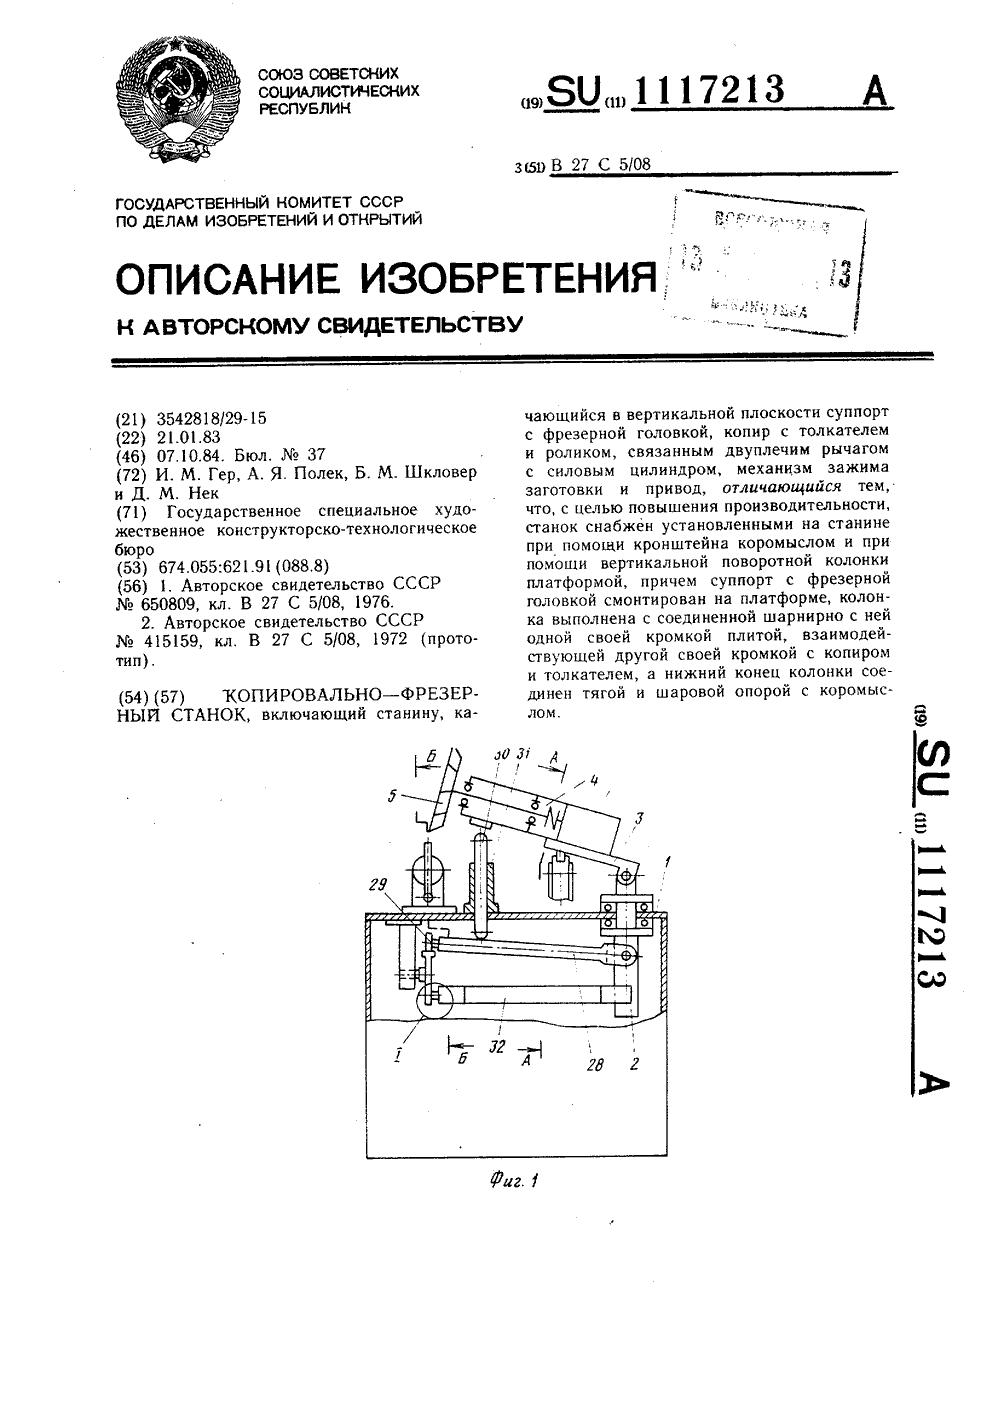 схема сборки копировального станка по дереву